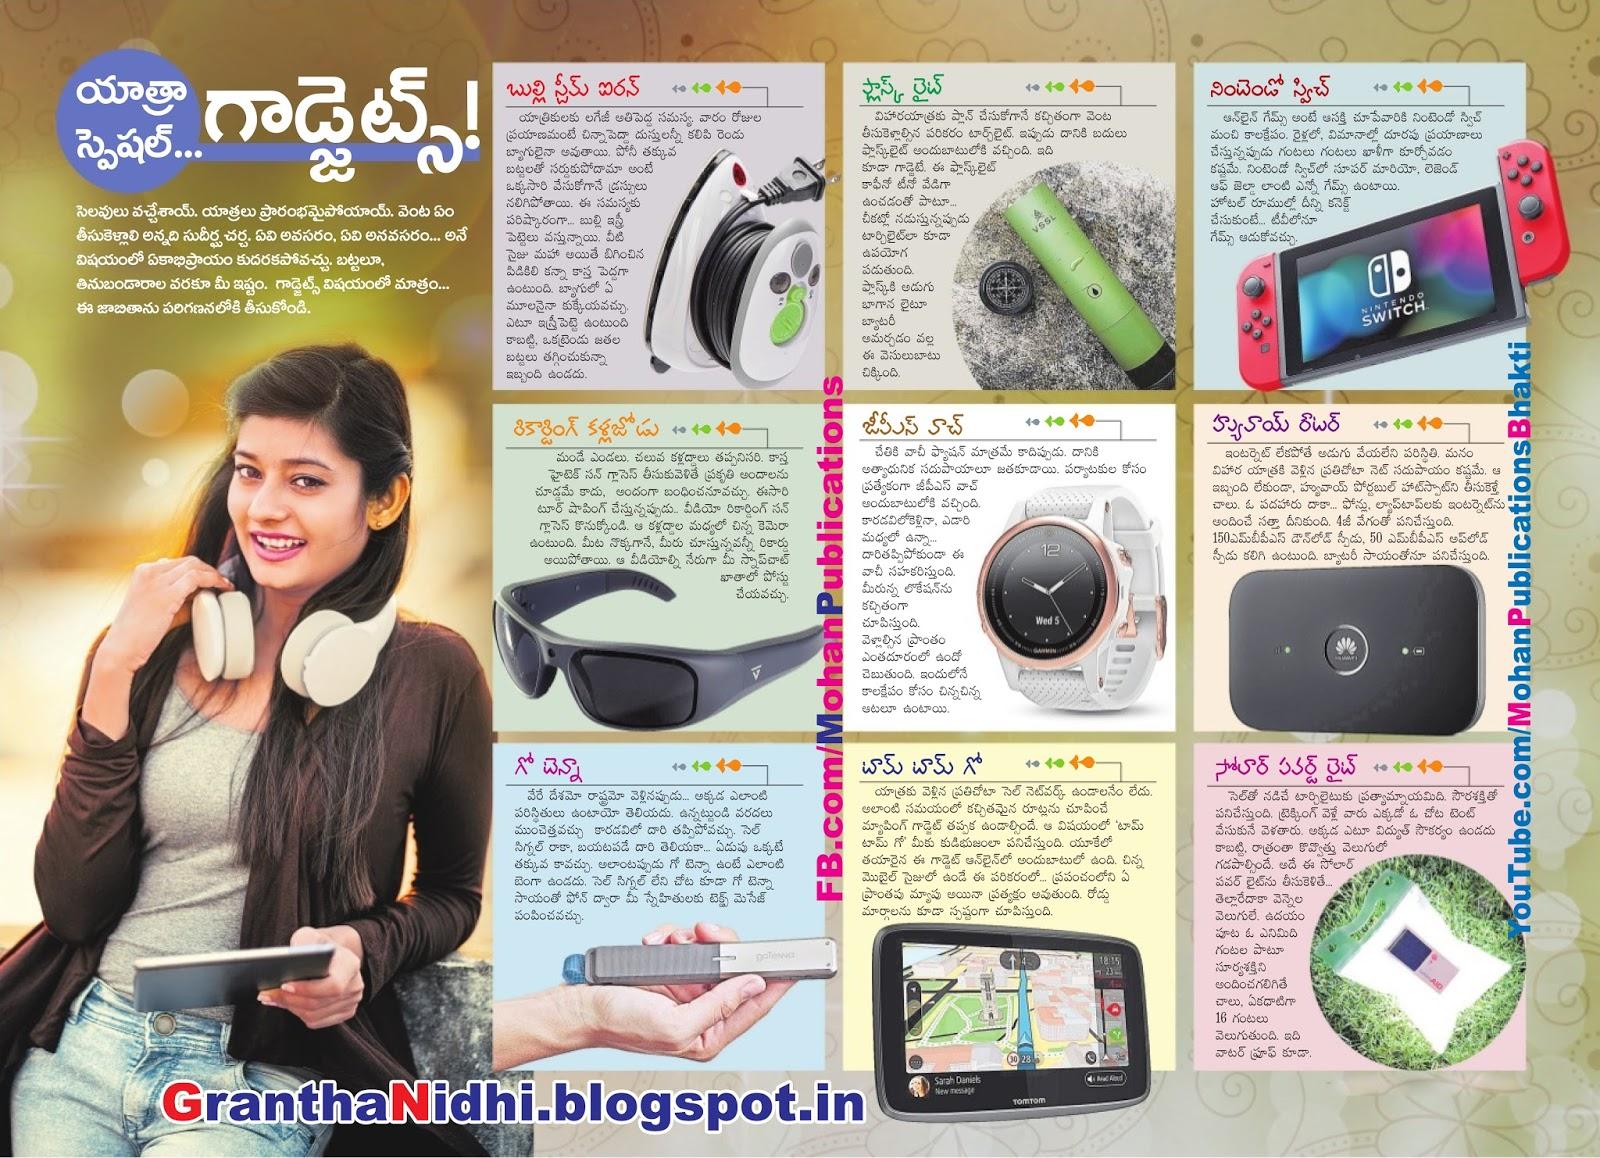 యాత్రా స్పెషల్ గాడ్జెట్స్ Yatra Special Gadgets Special Gadgets on Travel Travel Special Gadgets Andhra Jyothi Sunday Magazine Andhra Jyothi Epaper Publications in Rajahmundry, Books Publisher in Rajahmundry, Popular Publisher in Rajahmundry, BhaktiPustakalu, Makarandam, Bhakthi Pustakalu, JYOTHISA,VASTU,MANTRA, TANTRA,YANTRA,RASIPALITALU, BHAKTI,LEELA,BHAKTHI SONGS, BHAKTHI,LAGNA,PURANA,NOMULU, VRATHAMULU,POOJALU,  KALABHAIRAVAGURU, SAHASRANAMAMULU,KAVACHAMULU, ASHTORAPUJA,KALASAPUJALU, KUJA DOSHA,DASAMAHAVIDYA, SADHANALU,MOHAN PUBLICATIONS, RAJAHMUNDRY BOOK STORE, BOOKS,DEVOTIONAL BOOKS, KALABHAIRAVA GURU,KALABHAIRAVA, RAJAMAHENDRAVARAM,GODAVARI,GOWTHAMI, FORTGATE,KOTAGUMMAM,GODAVARI RAILWAY STATION, PRINT BOOKS,E BOOKS,PDF BOOKS, FREE PDF BOOKS,BHAKTHI MANDARAM,GRANTHANIDHI, GRANDANIDI,GRANDHANIDHI, BHAKTHI PUSTHAKALU, BHAKTI PUSTHAKALU, BHAKTHI